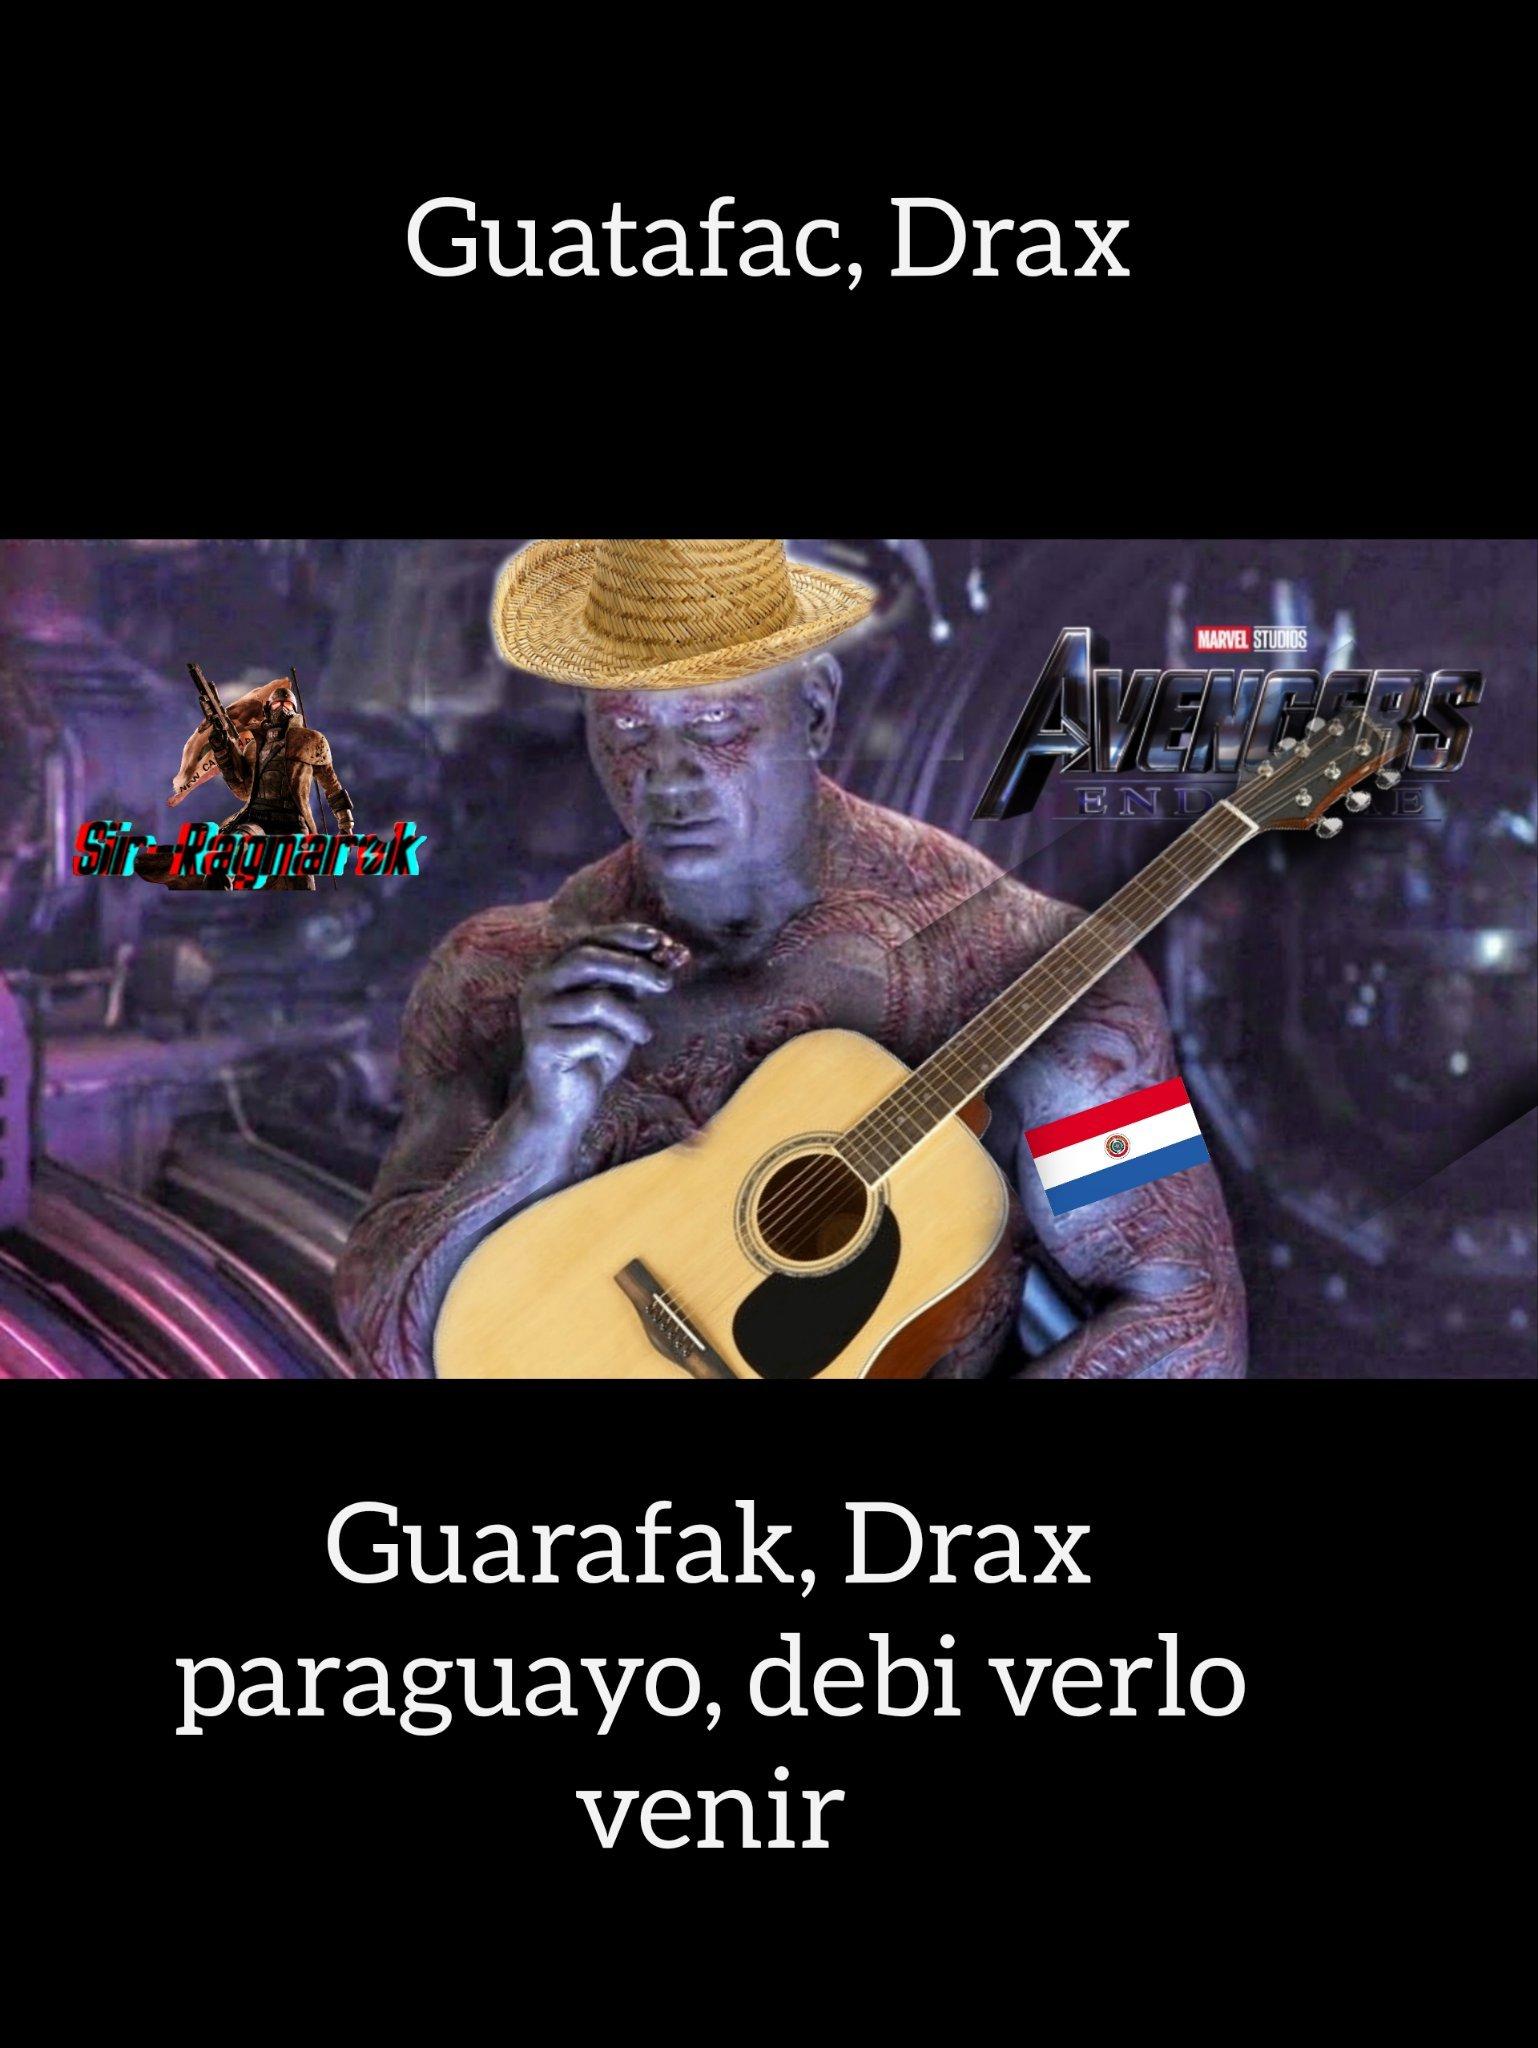 Mira mi guitarra y sombrero flotante :-D - meme